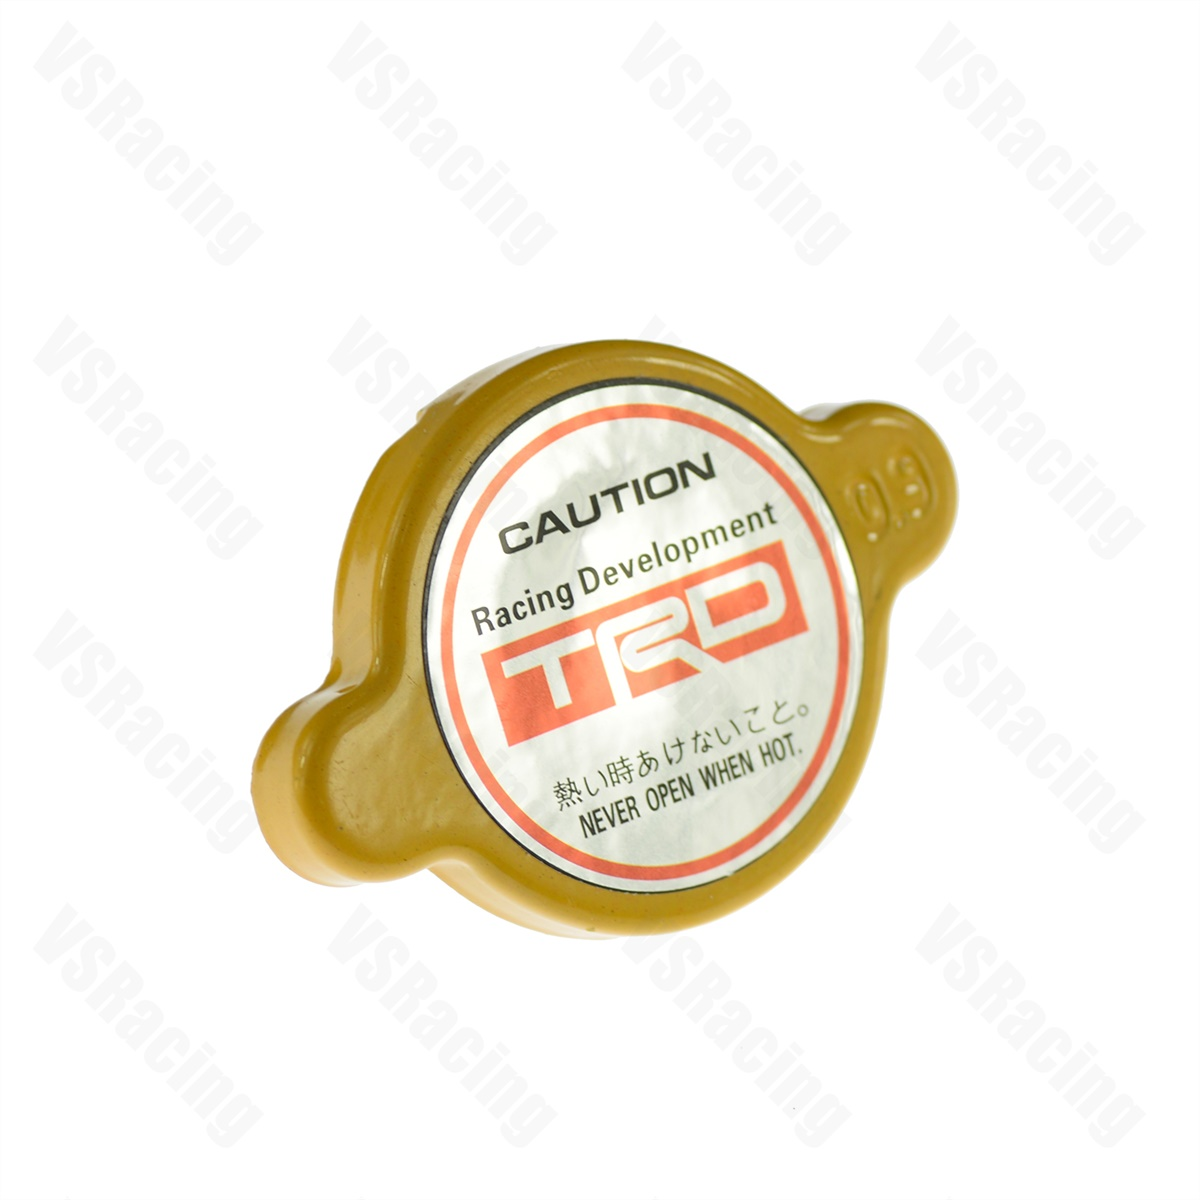 Trd Radiator Cap Cover Jdm 9mm 1 3kg Review Harga Terkini Dan D1 Spec Temperature 11 Tutup D1spec Suhu 09 13bar 15mm Big Size 3 Colors In Radiators